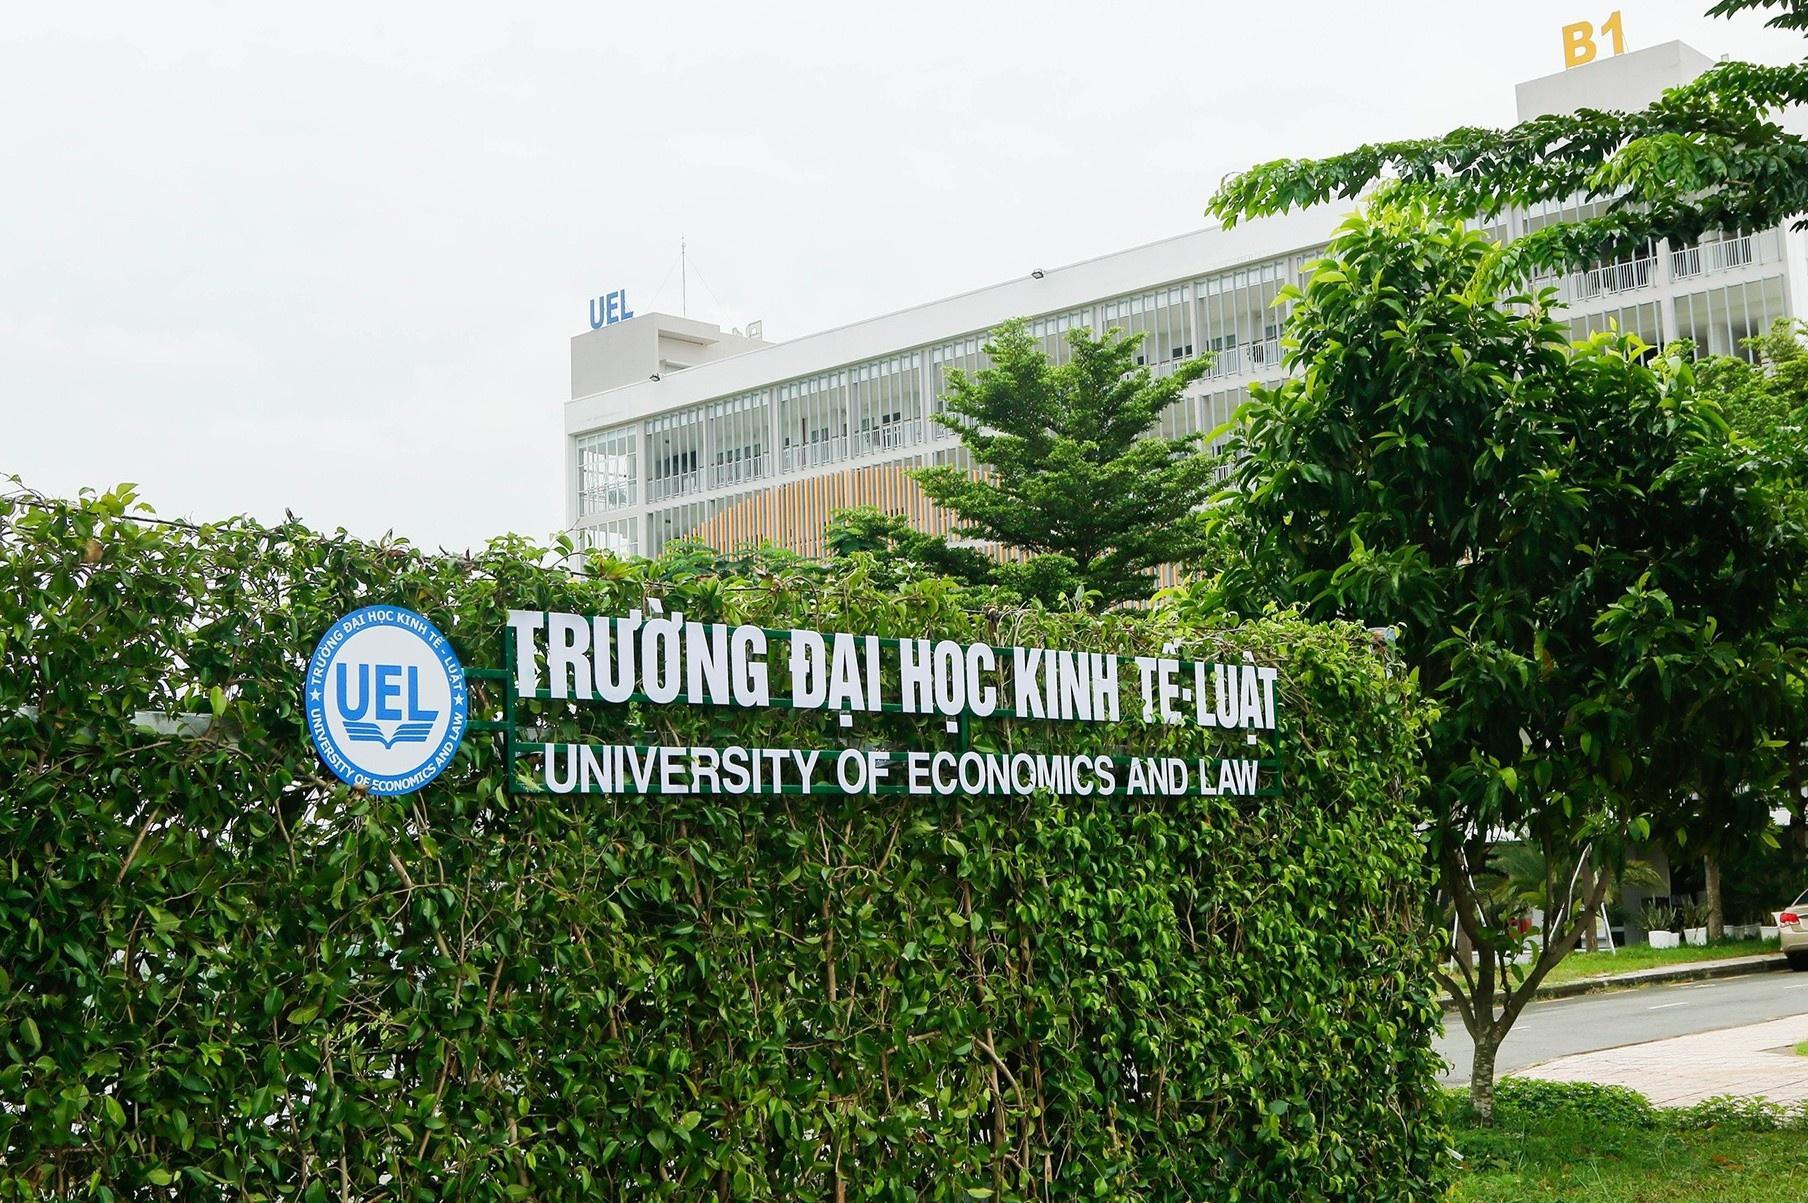 ĐH Kinh tế - Luật hỗ trợ mỗi sinh viên diện cách ly 500.000 đồng